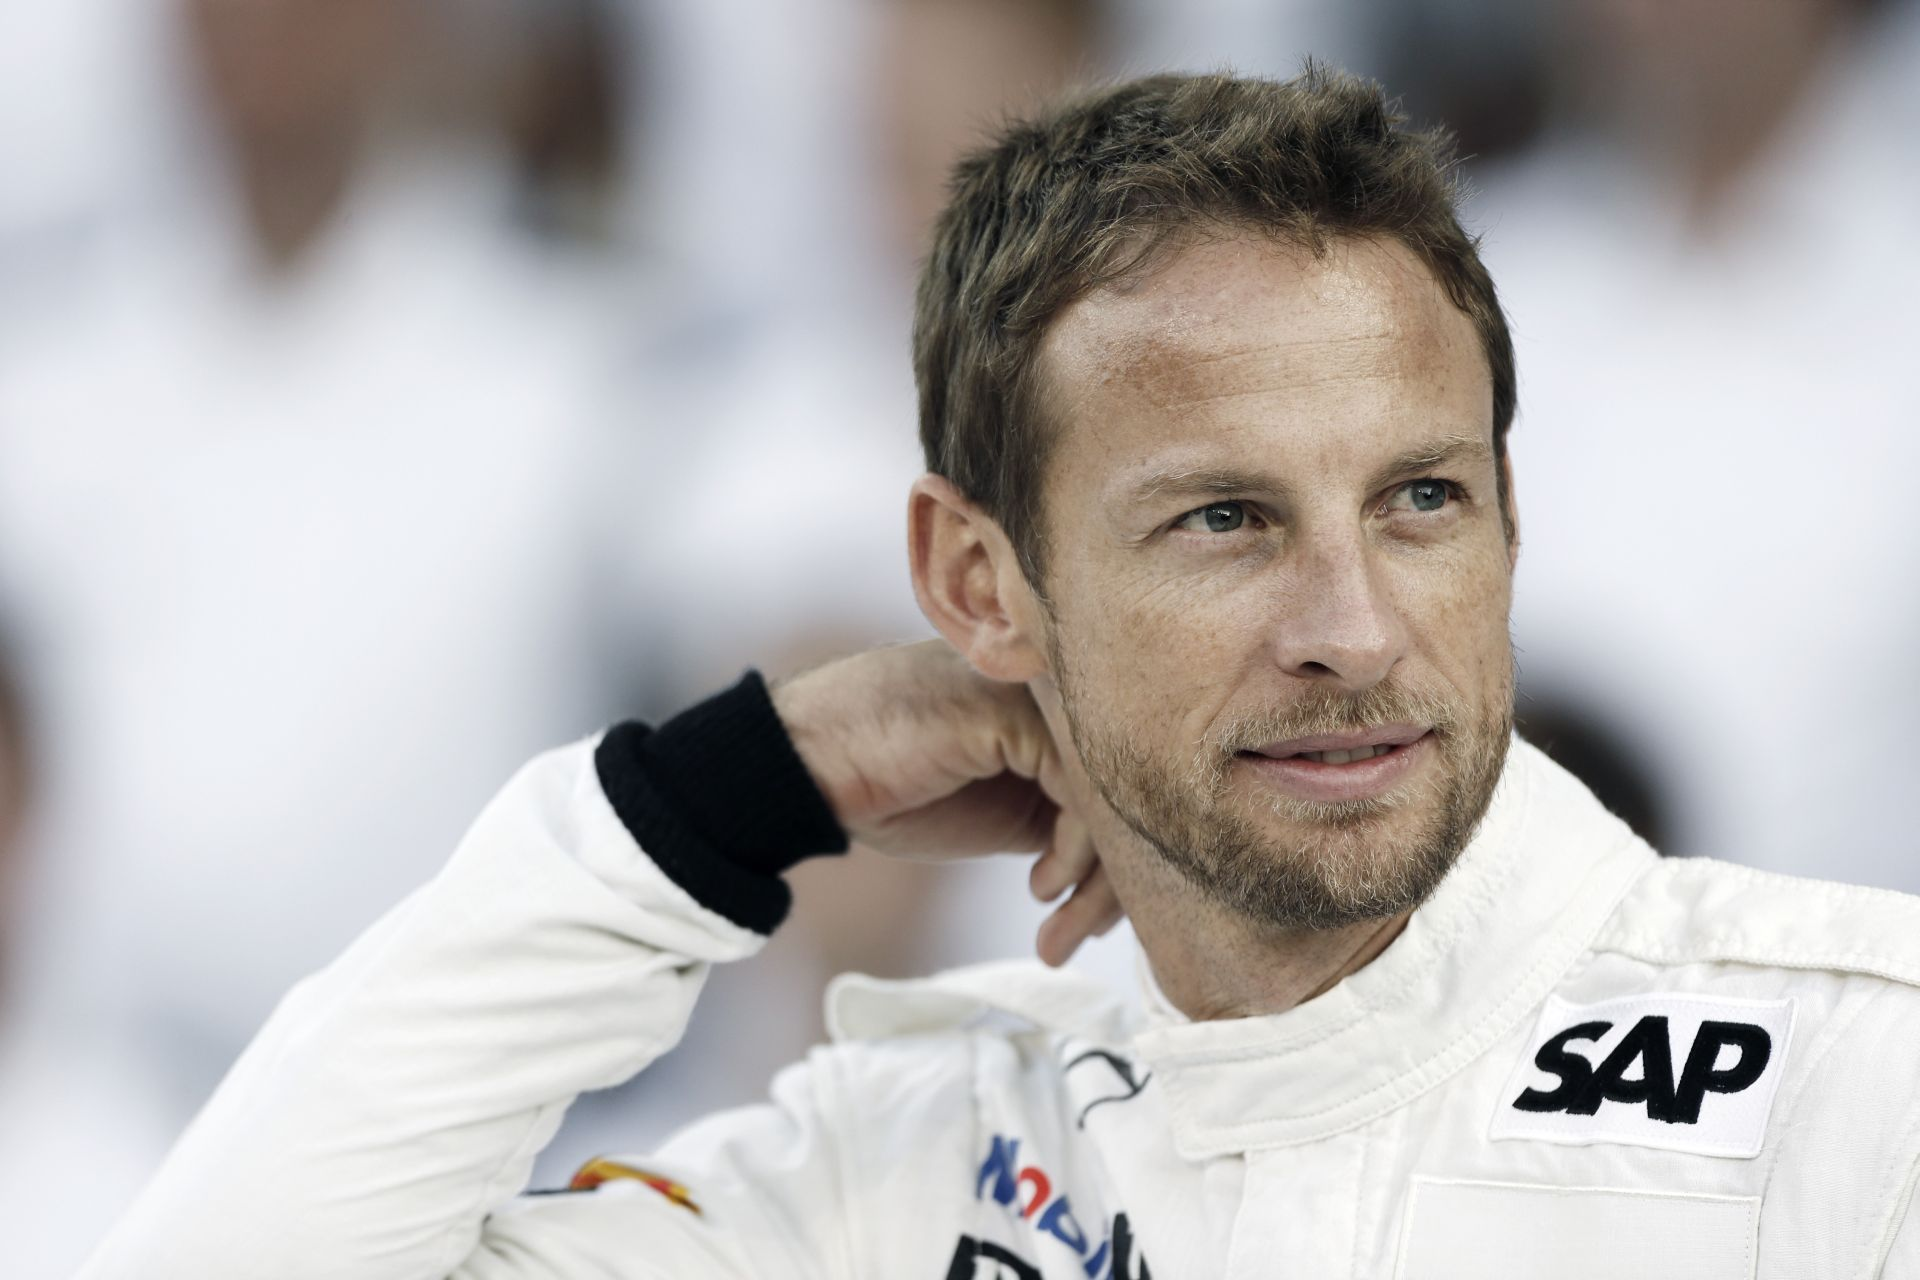 Button ma inkább autószerelő volt a McLarennél, mint versenyező